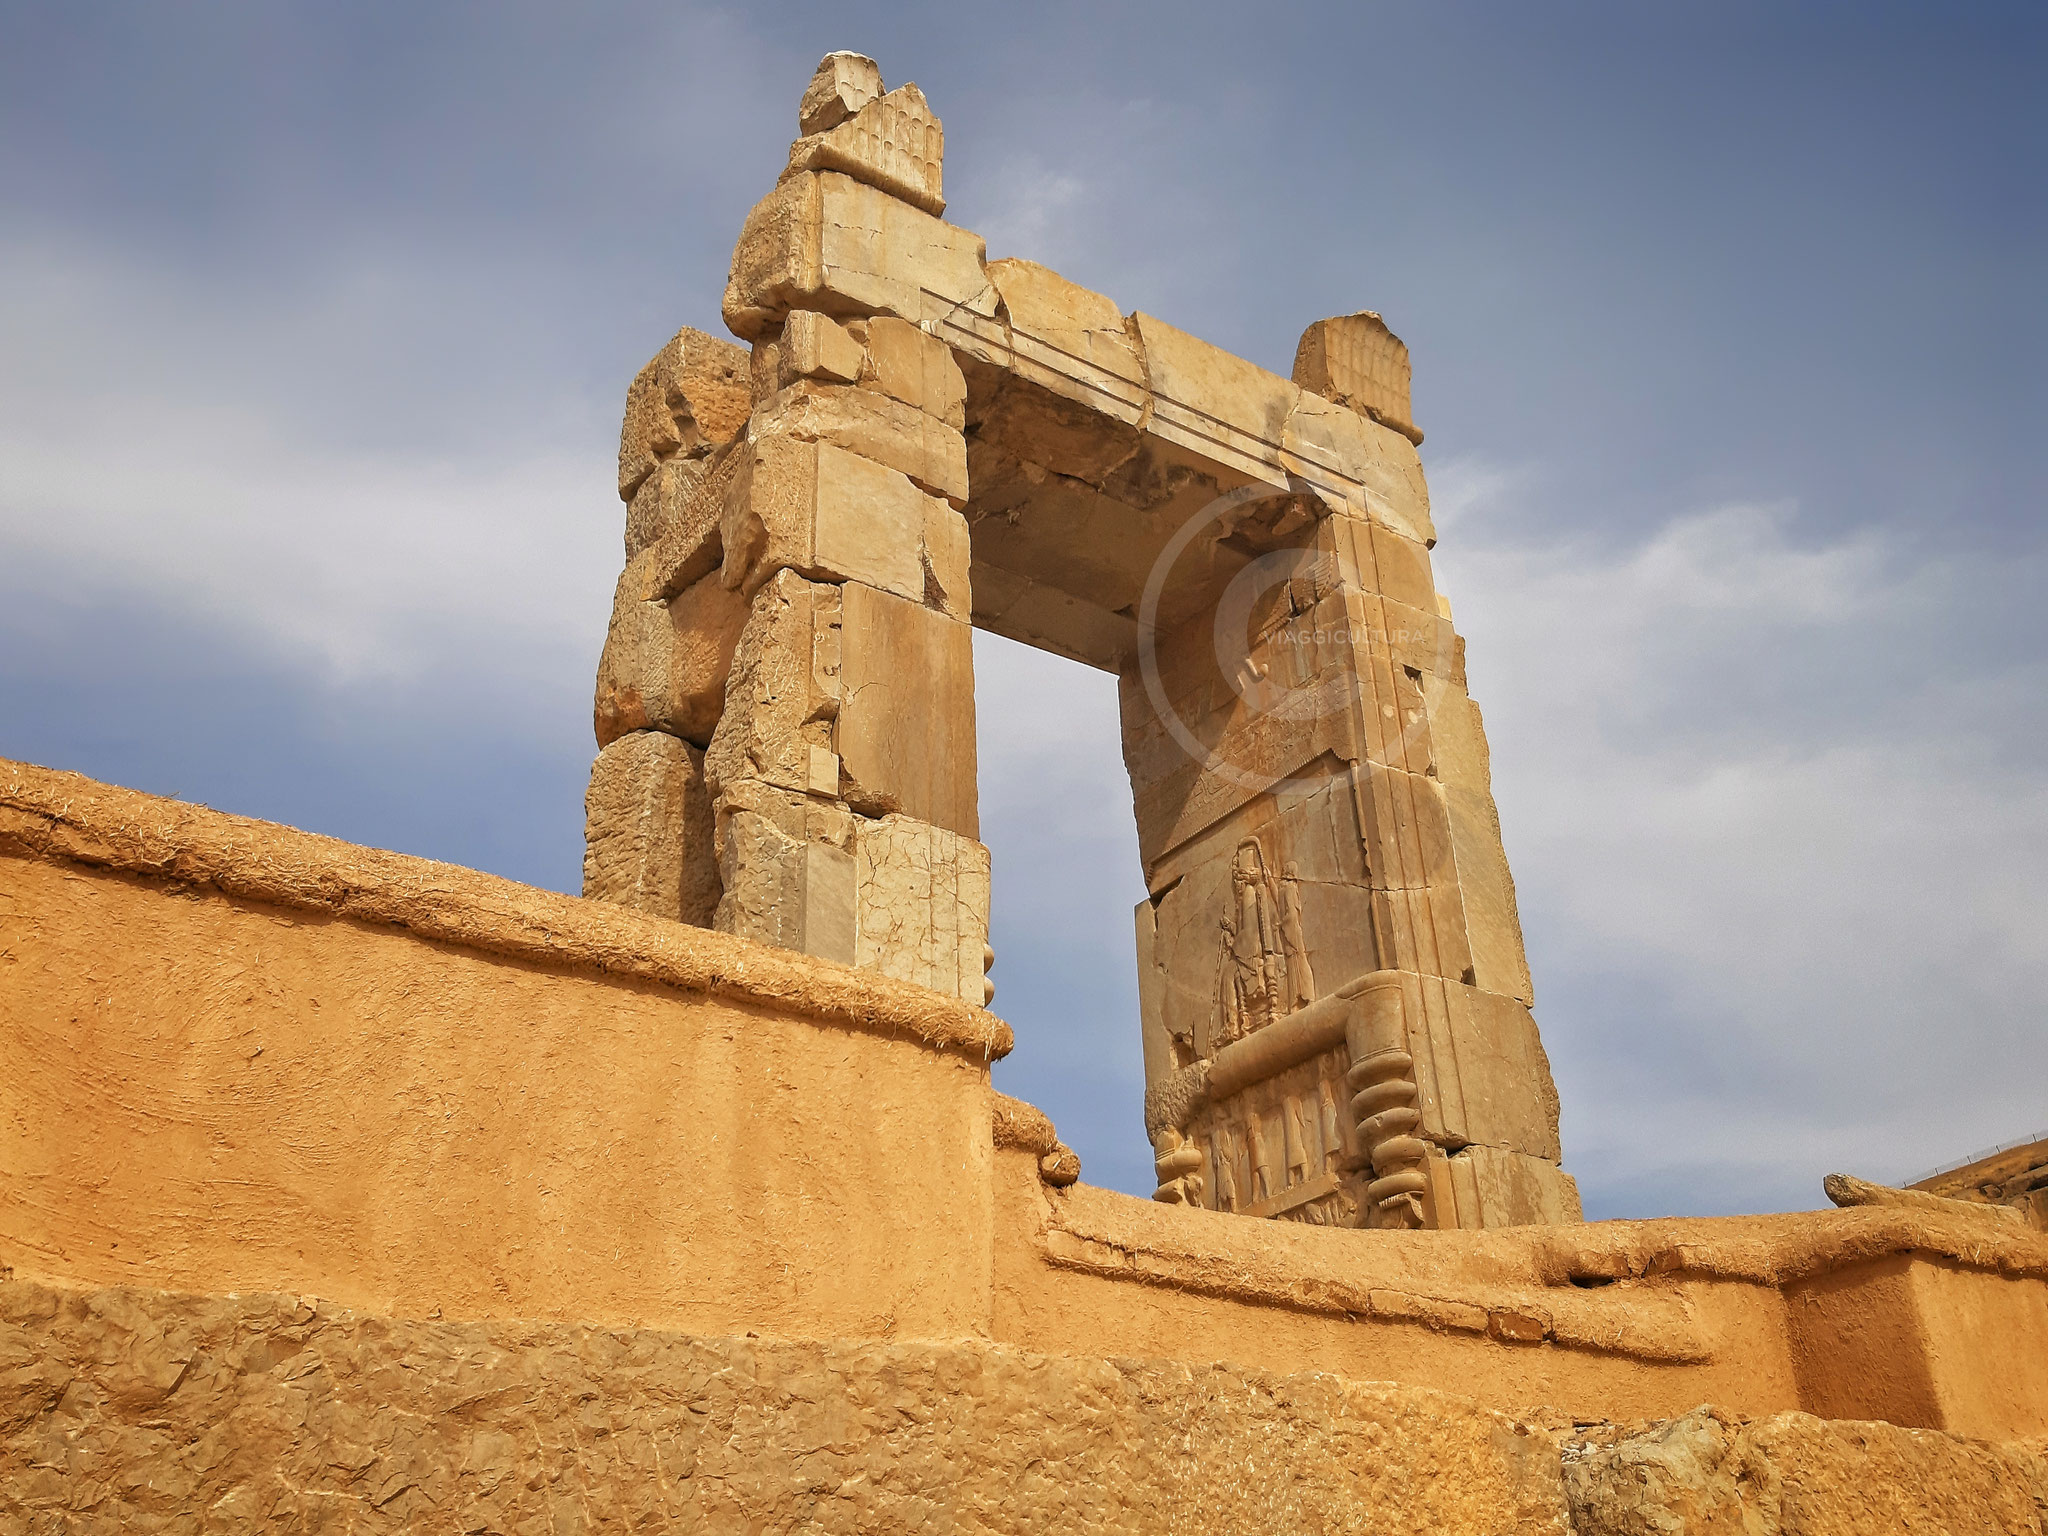 Una delle porte del Palazzo delle Cento Colonne - Persepoli (Iran)